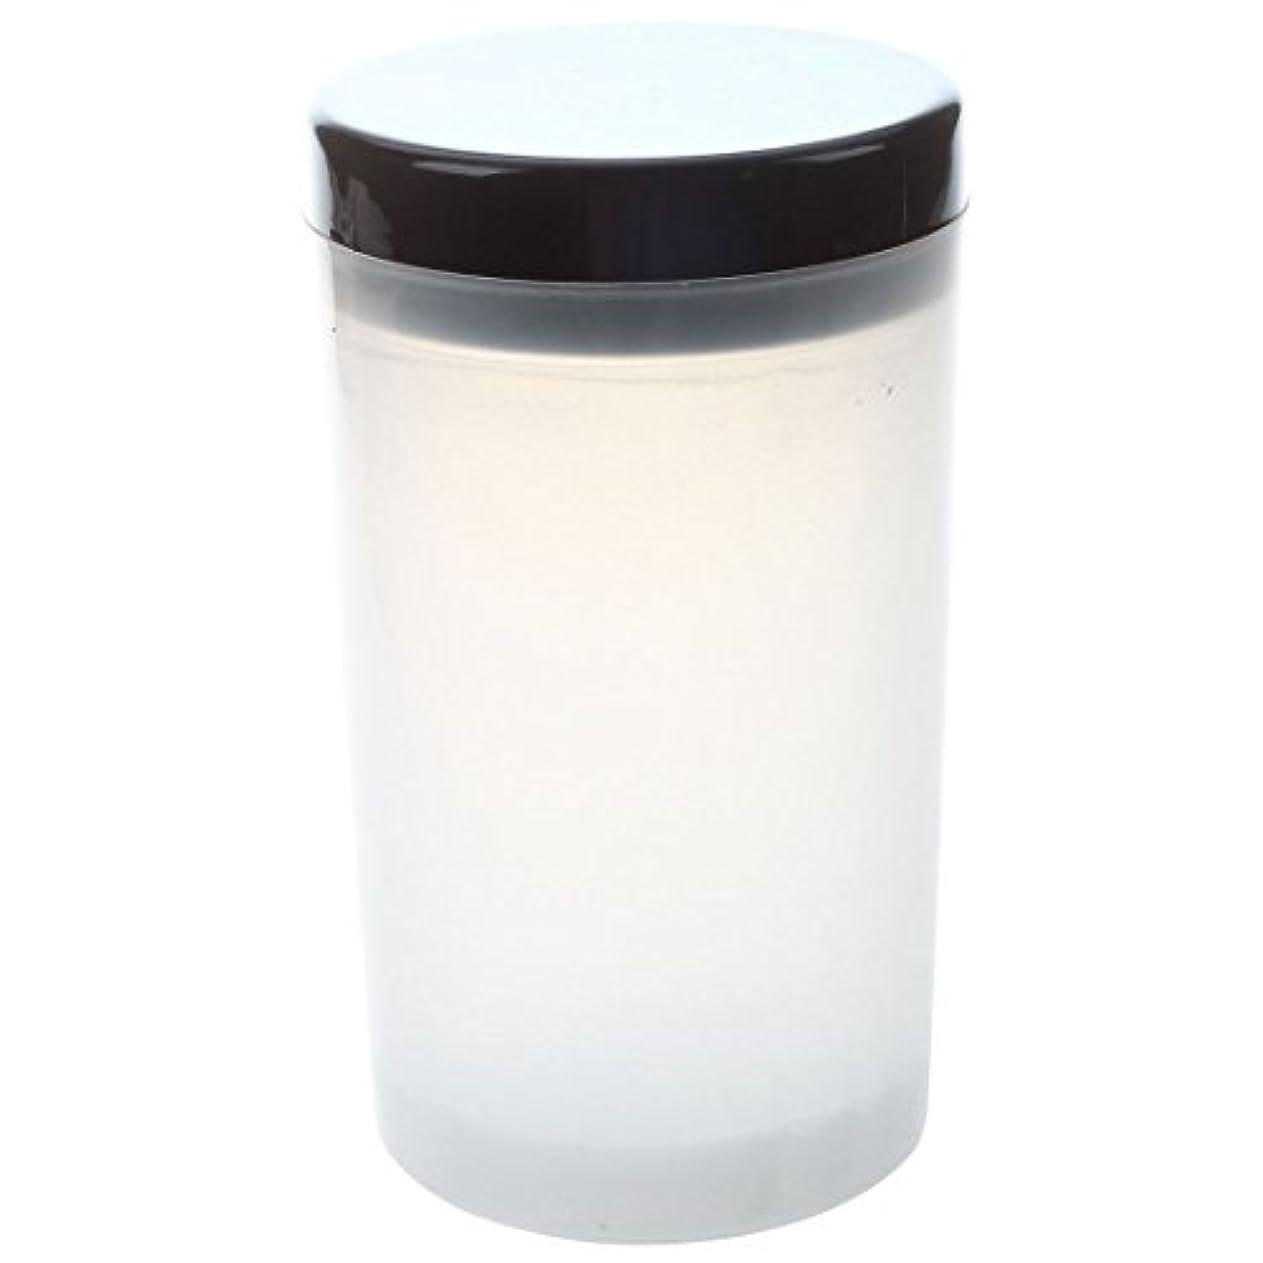 パン屋オーストラリア人鋸歯状Gaoominy ネイルアートチップブラシホルダー リムーバーカップカップ浸漬ブラシ クリーナーボトル